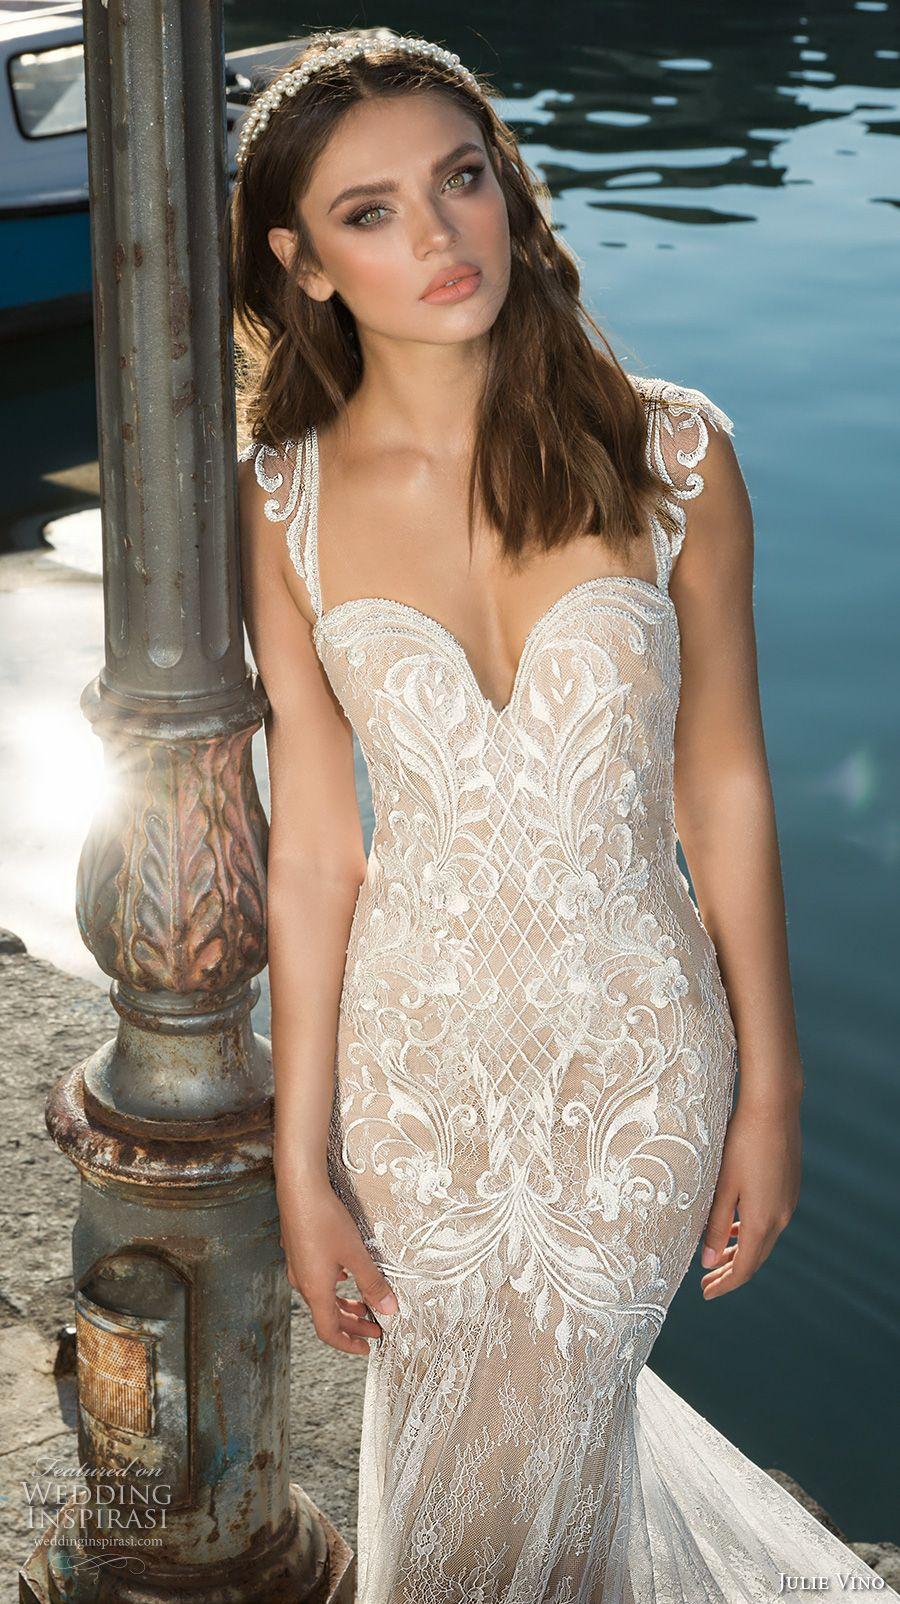 Julie vino fall bridal cap sleeves sweetheart neckline full